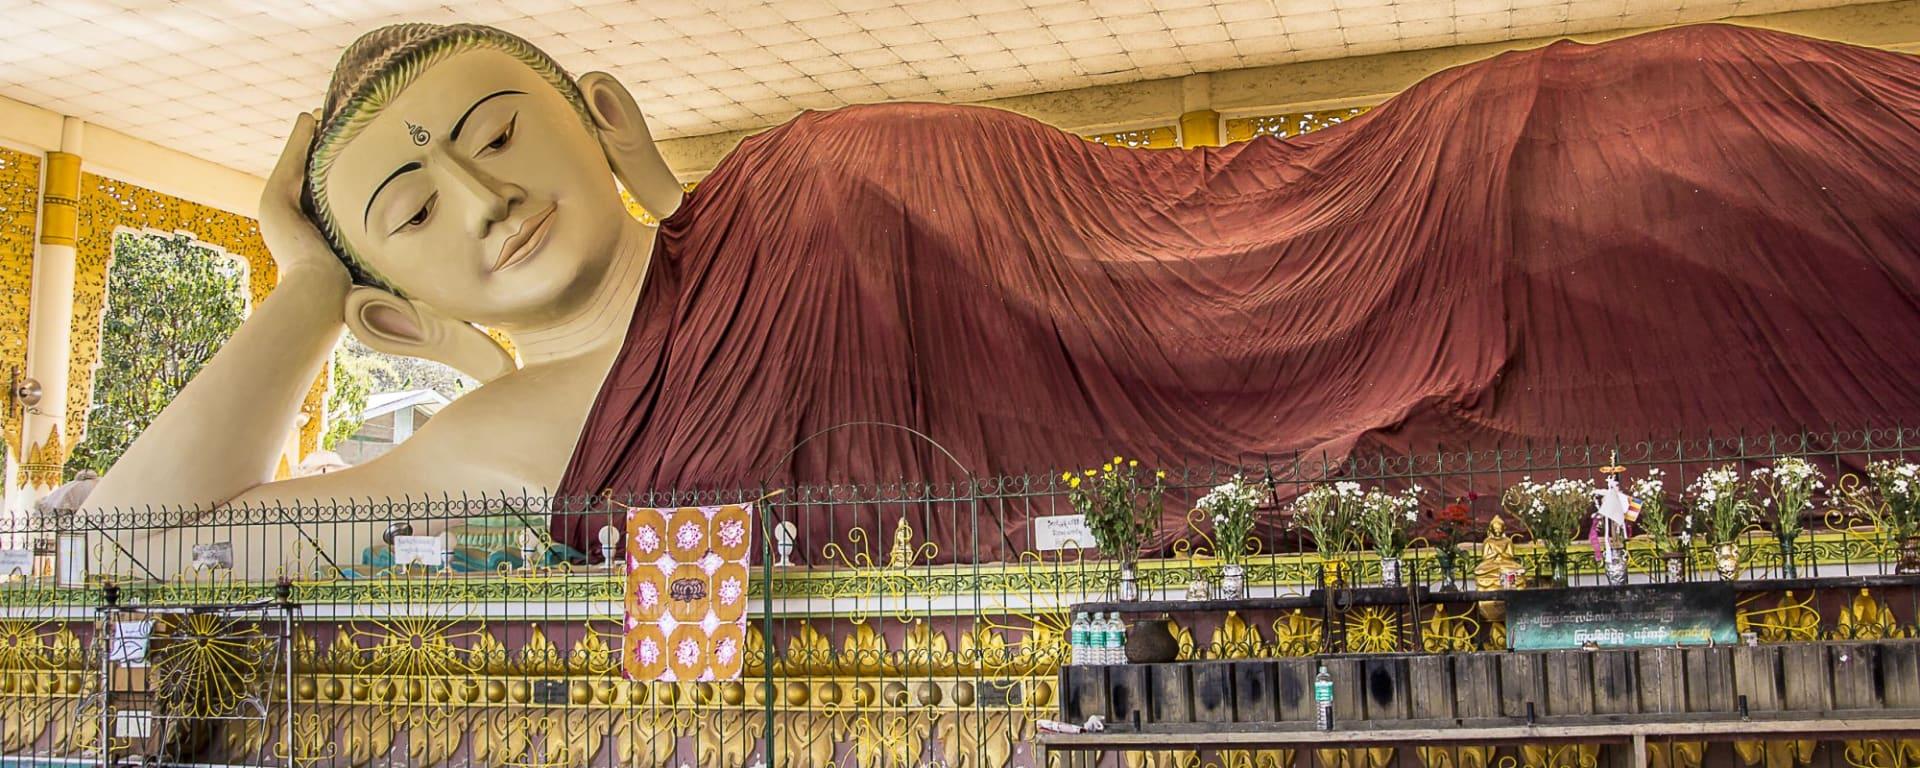 Kayah - Reise in eine verborgene Welt ab Inle Lake: A giant Buddha at Taung Kwe Paya in Loikaw